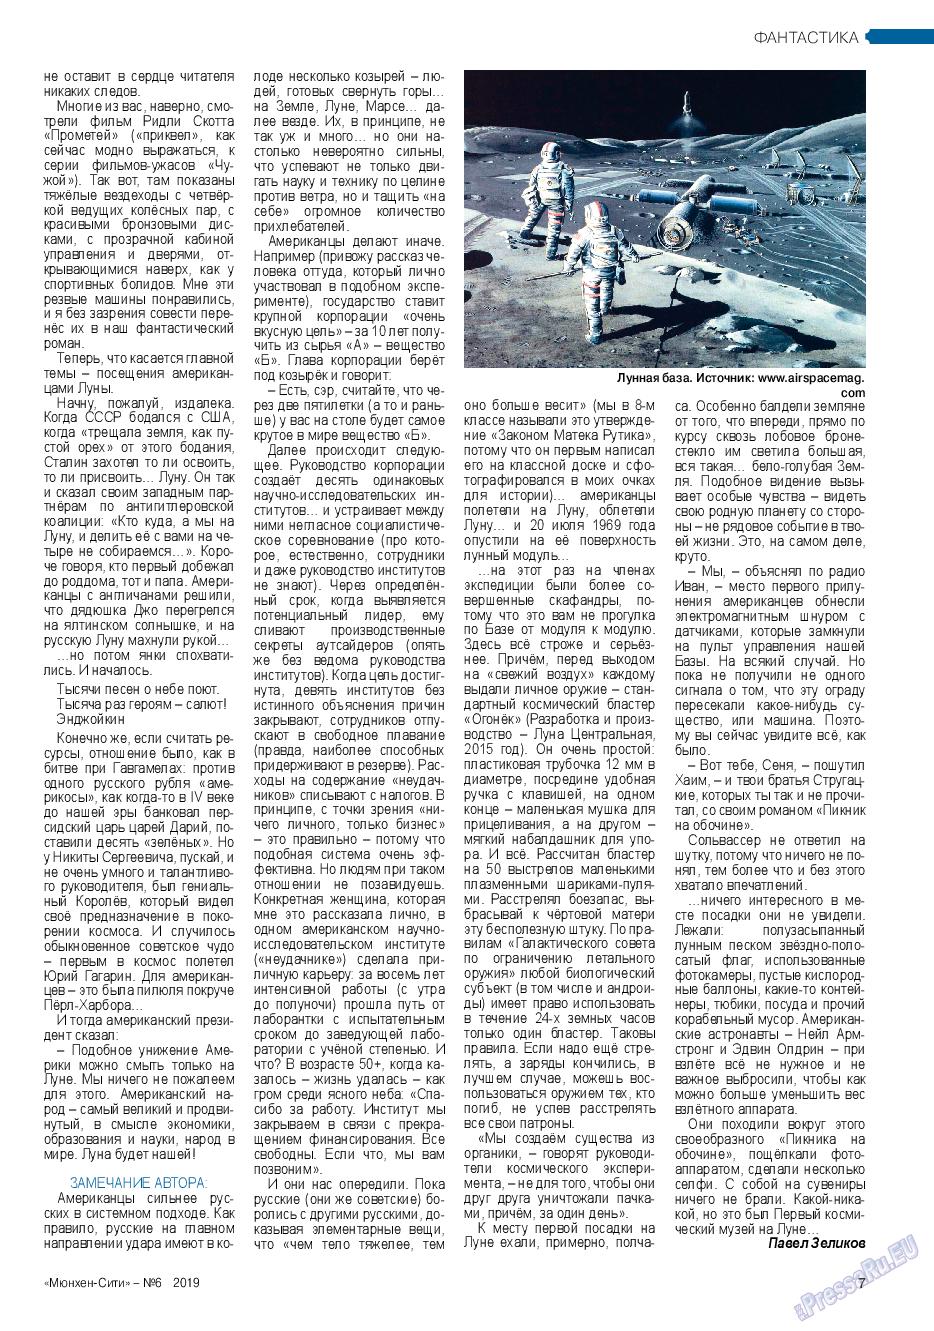 Мюнхен-сити (журнал). 2019 год, номер 94, стр. 7